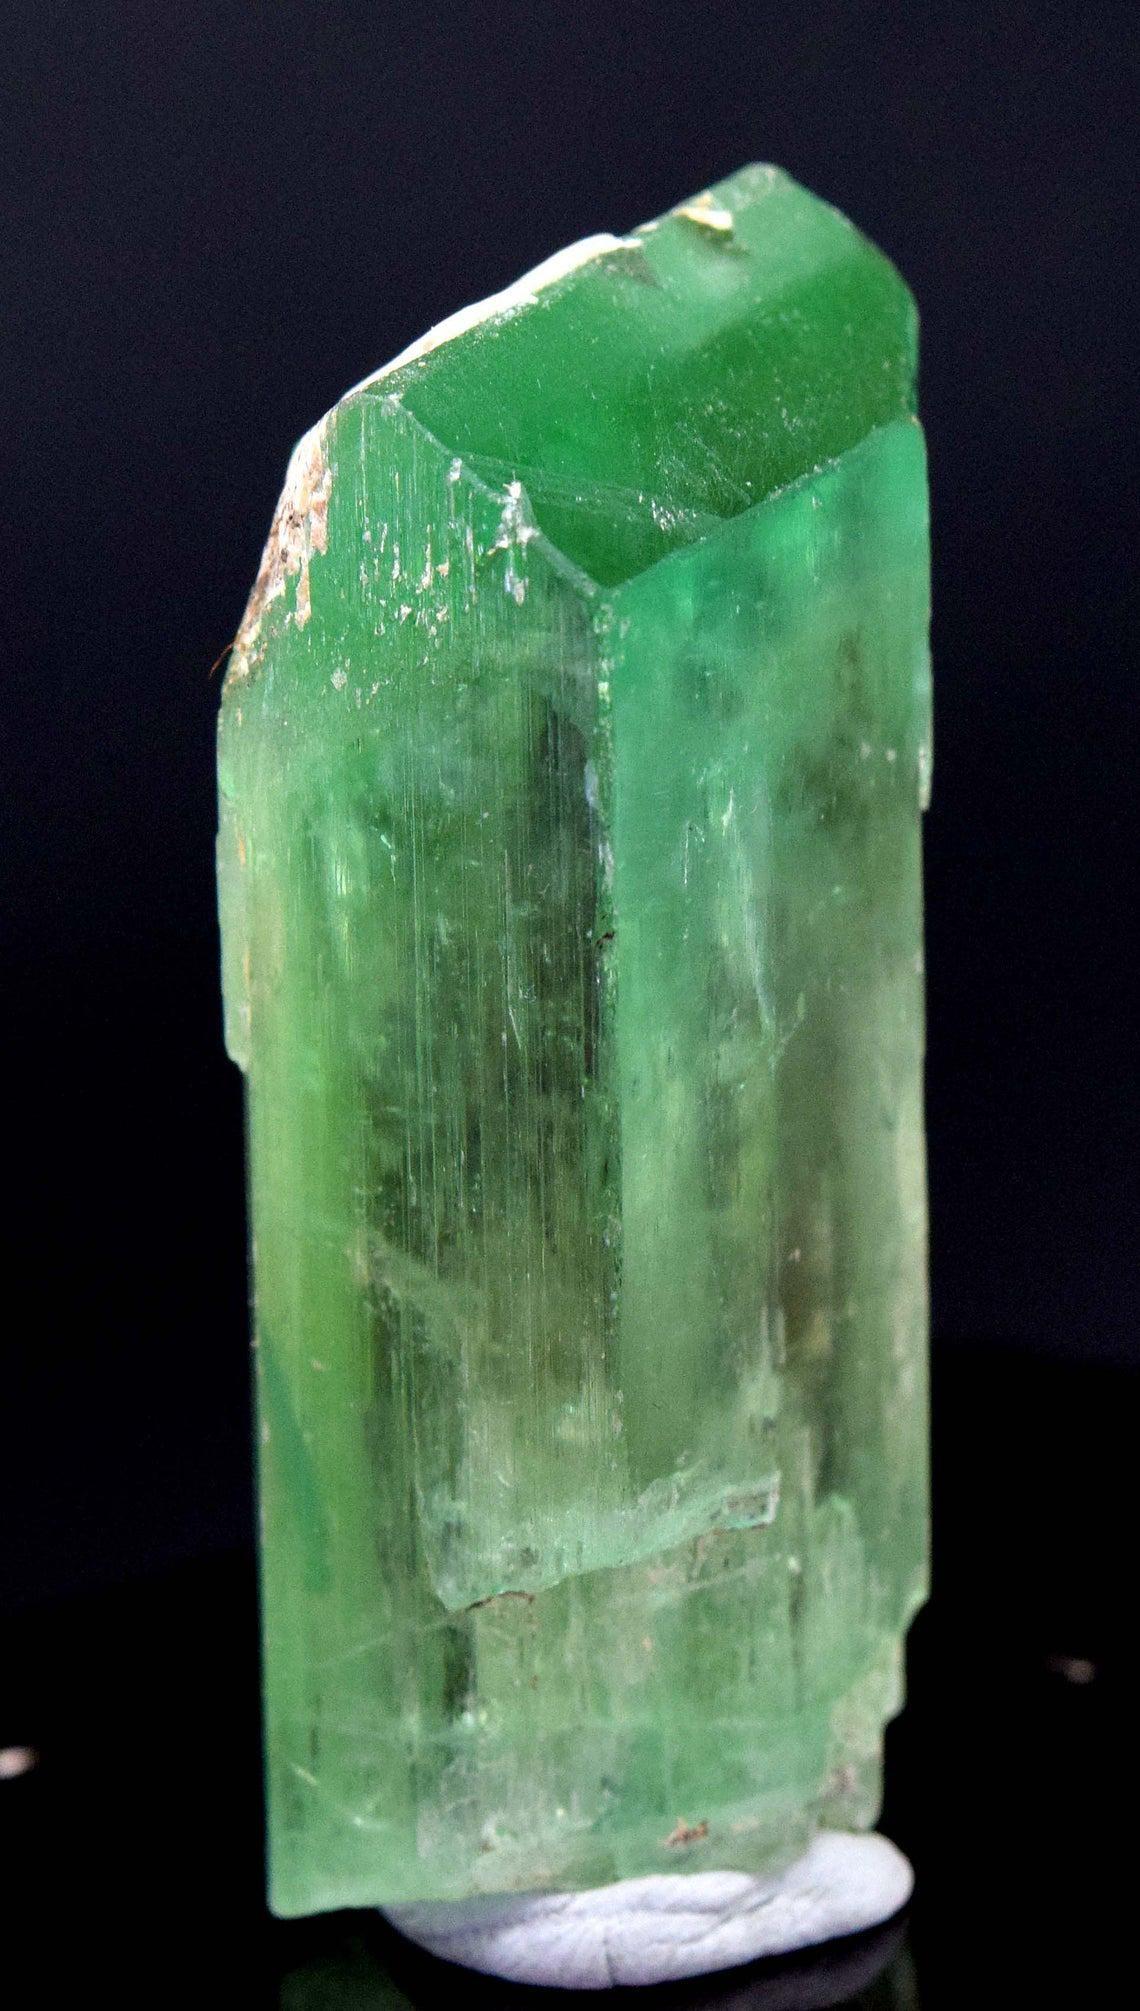 48 Gram V-Shape Terminated & Undamaged Lush Green Gem